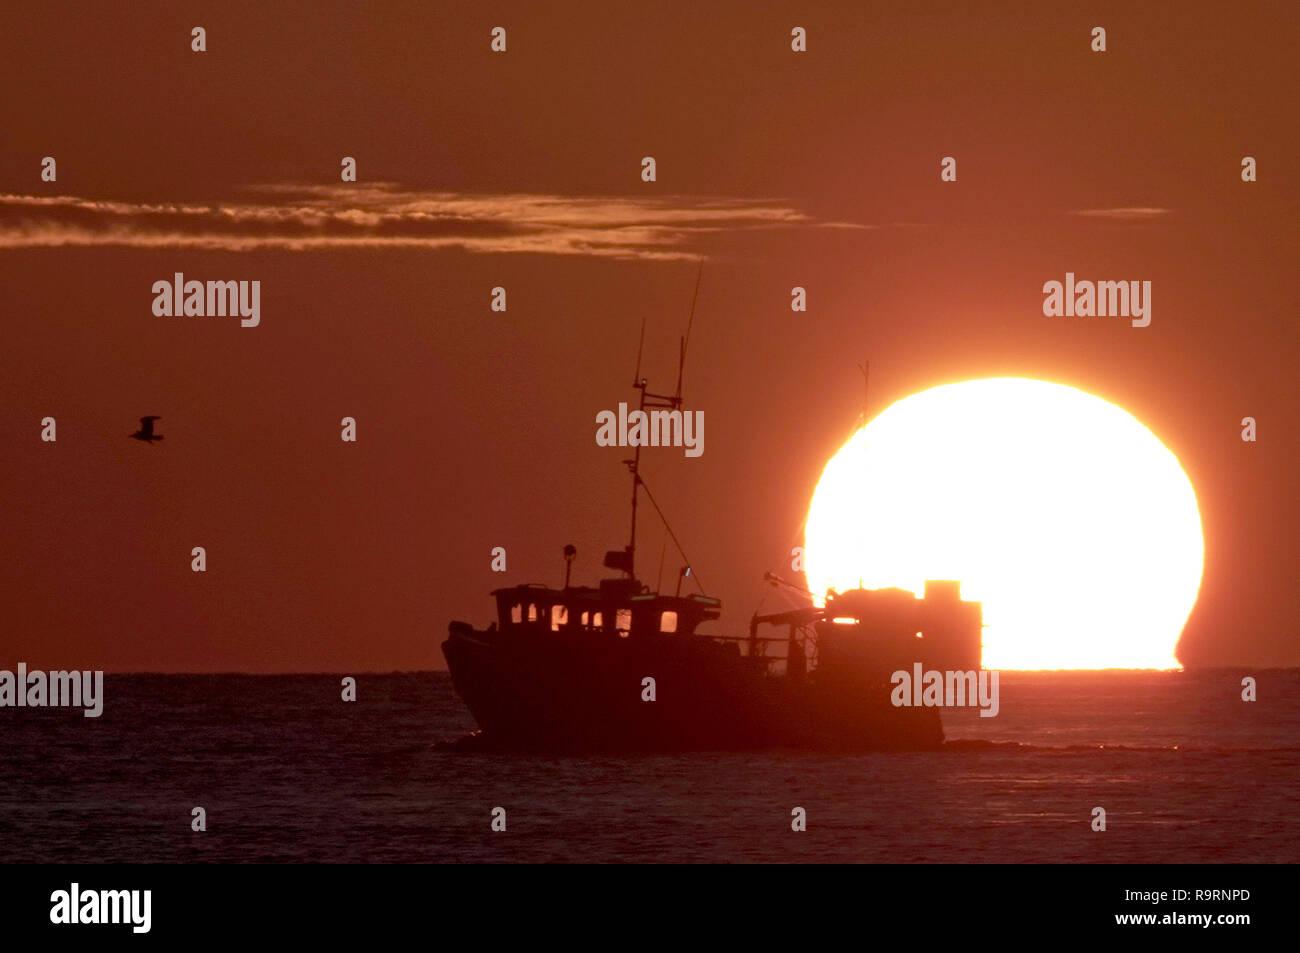 Portland, Dorset, UK. 27 Dec 2018. Météo France: bateau de pêche au coucher du soleil, Portland, Dorset Crédit: Finnbarr Webster/Alamy Live News Banque D'Images